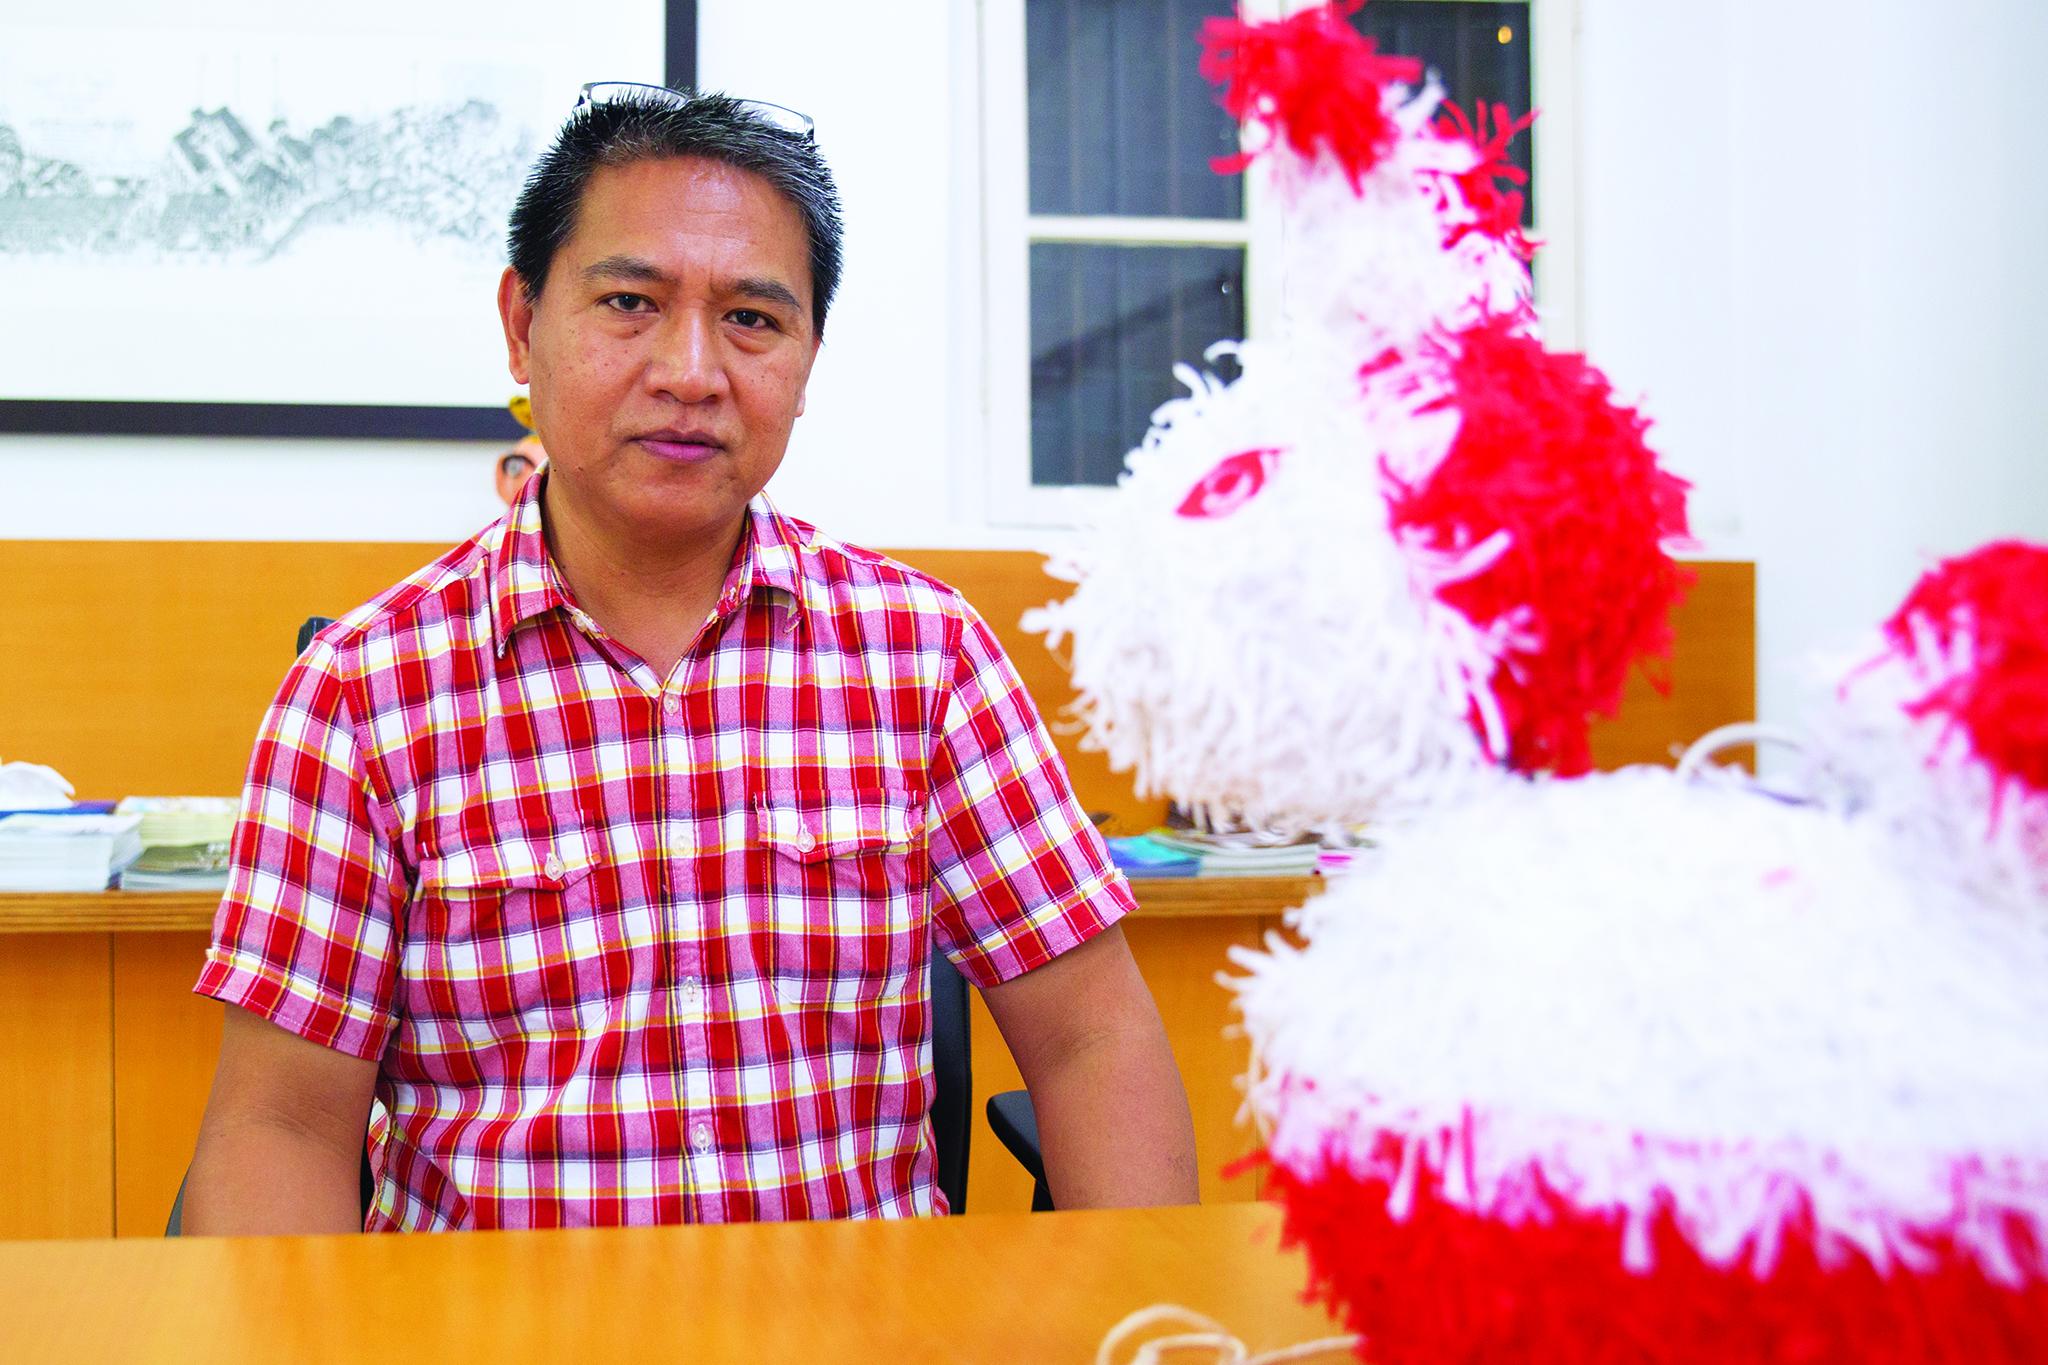 Alfredo Ceyna, artesão de lanternas de coelhos |Manter viva a tradição